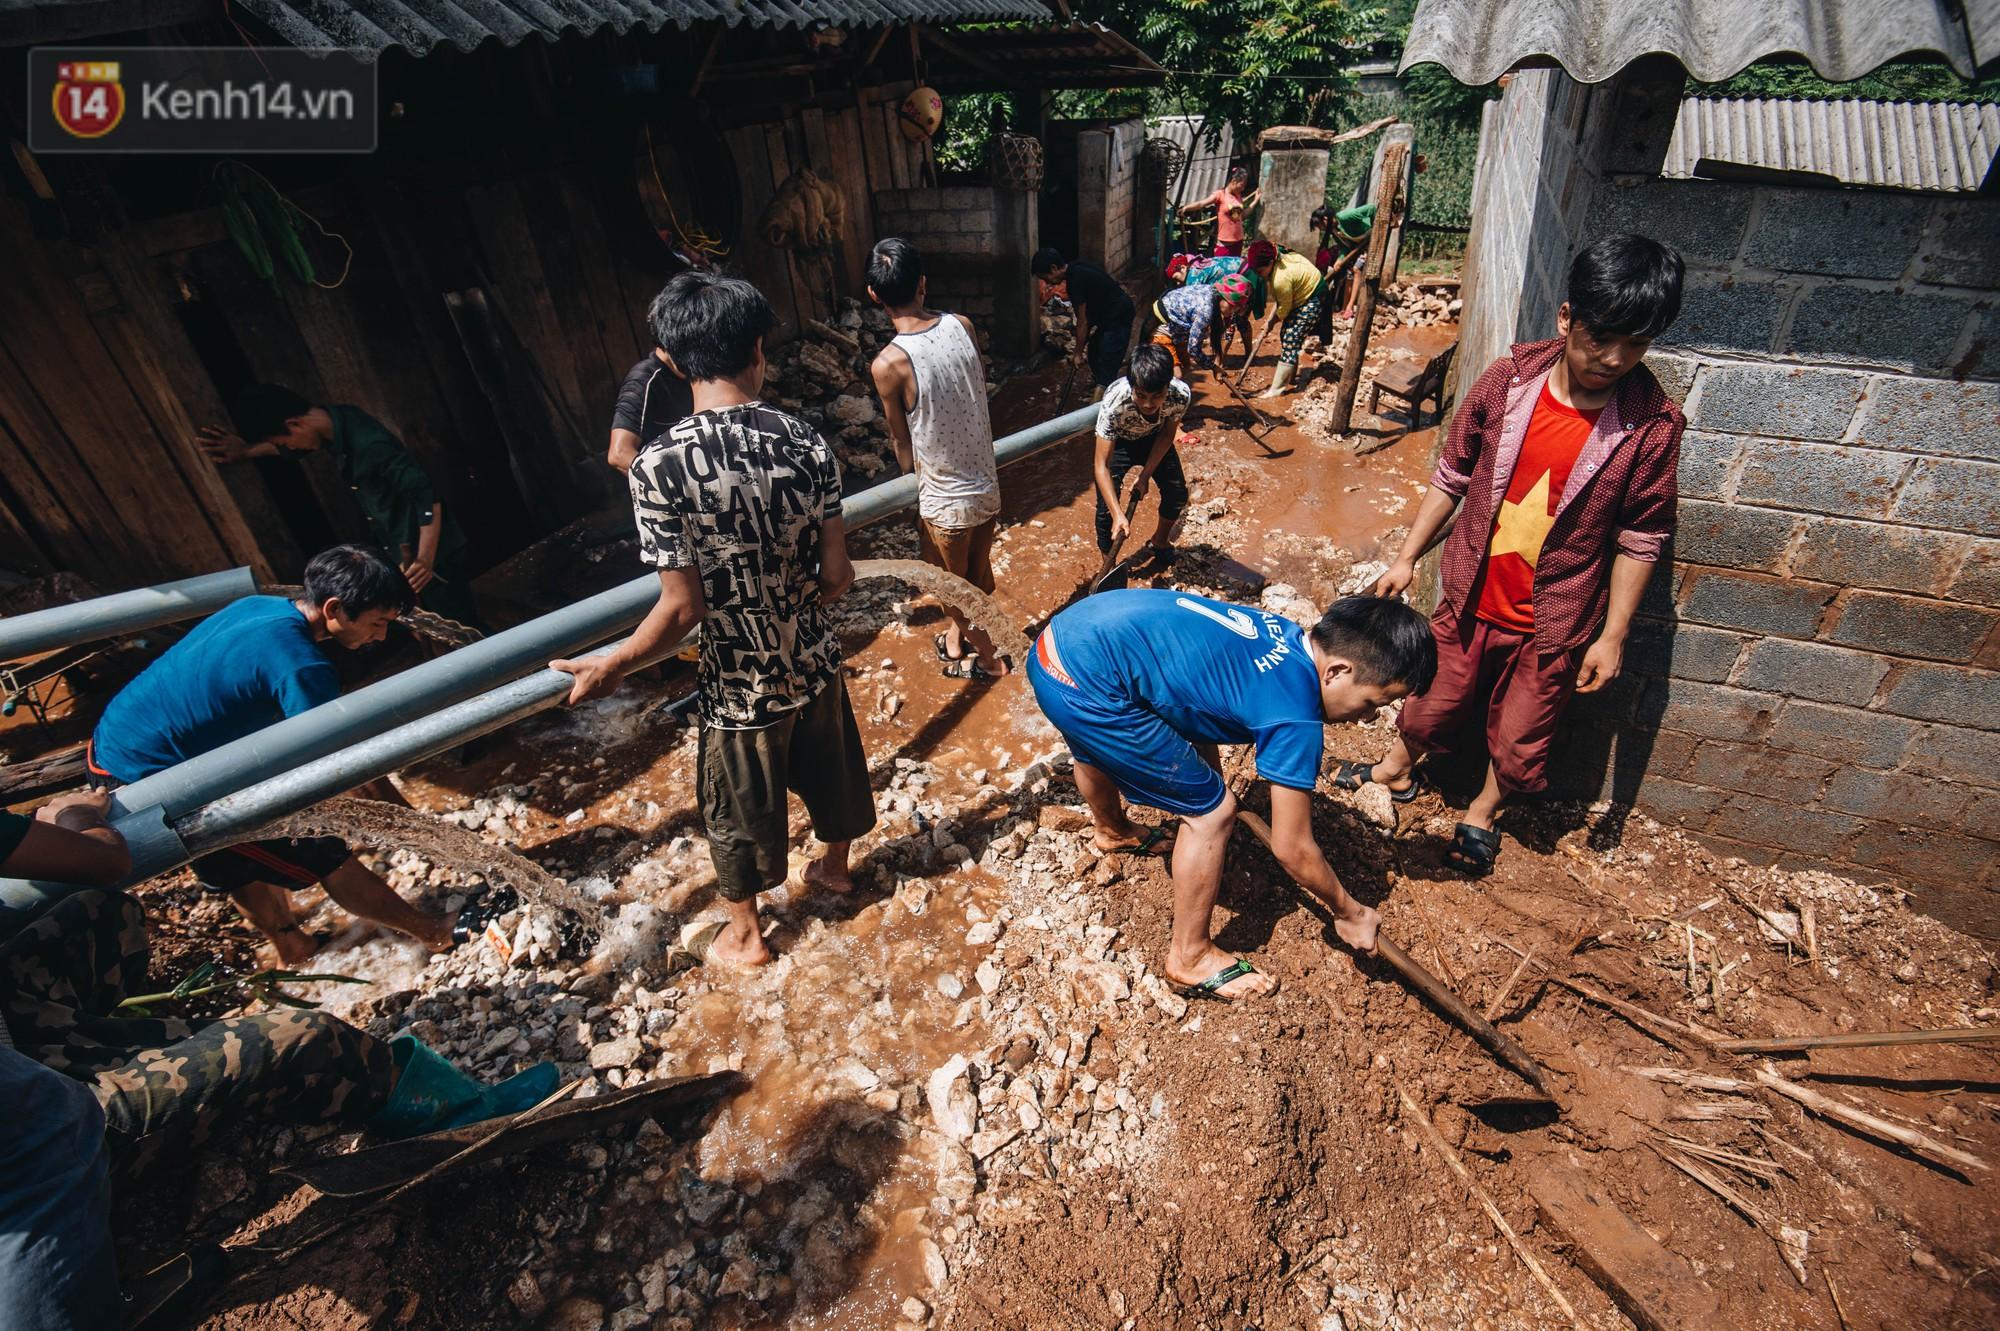 Trận lũ đau thương ở Hà Giang trong vòng 10 năm qua: Giờ đâu còn nhà nữa, mất hết, lũ cuốn trôi hết rồi... - Ảnh 6.